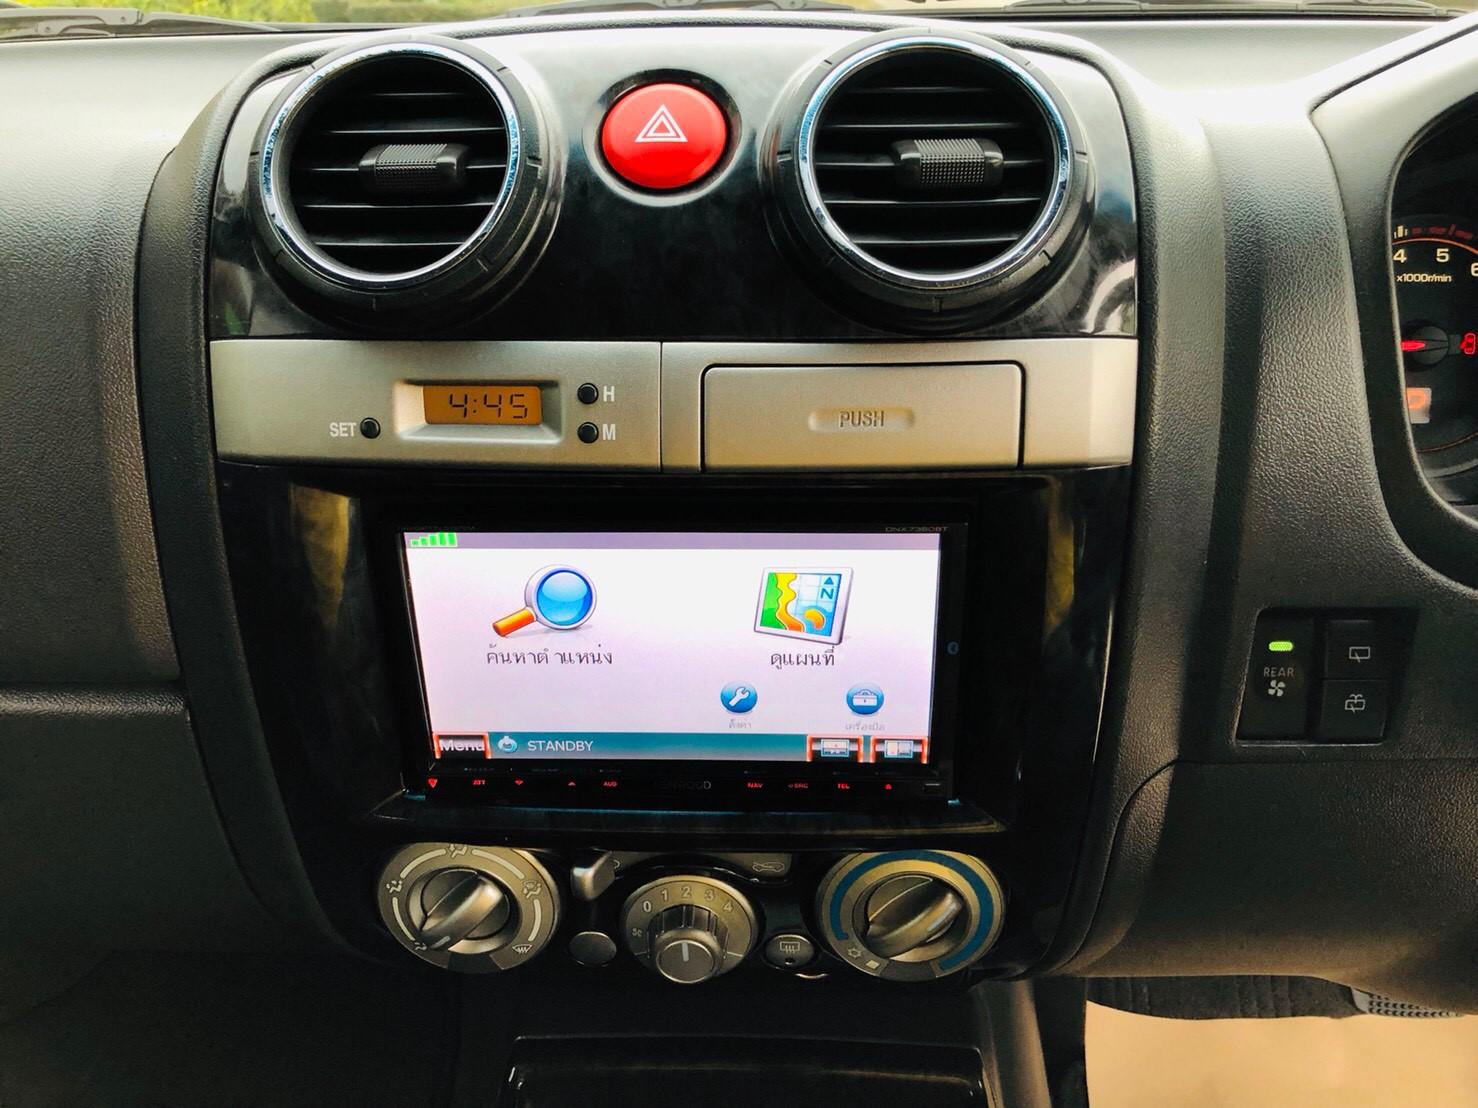 ภาพแอร์ เครื่องเสียง อีซูซุ มิว-เซเว่น Choiz 3.0 VGS ปี 2012